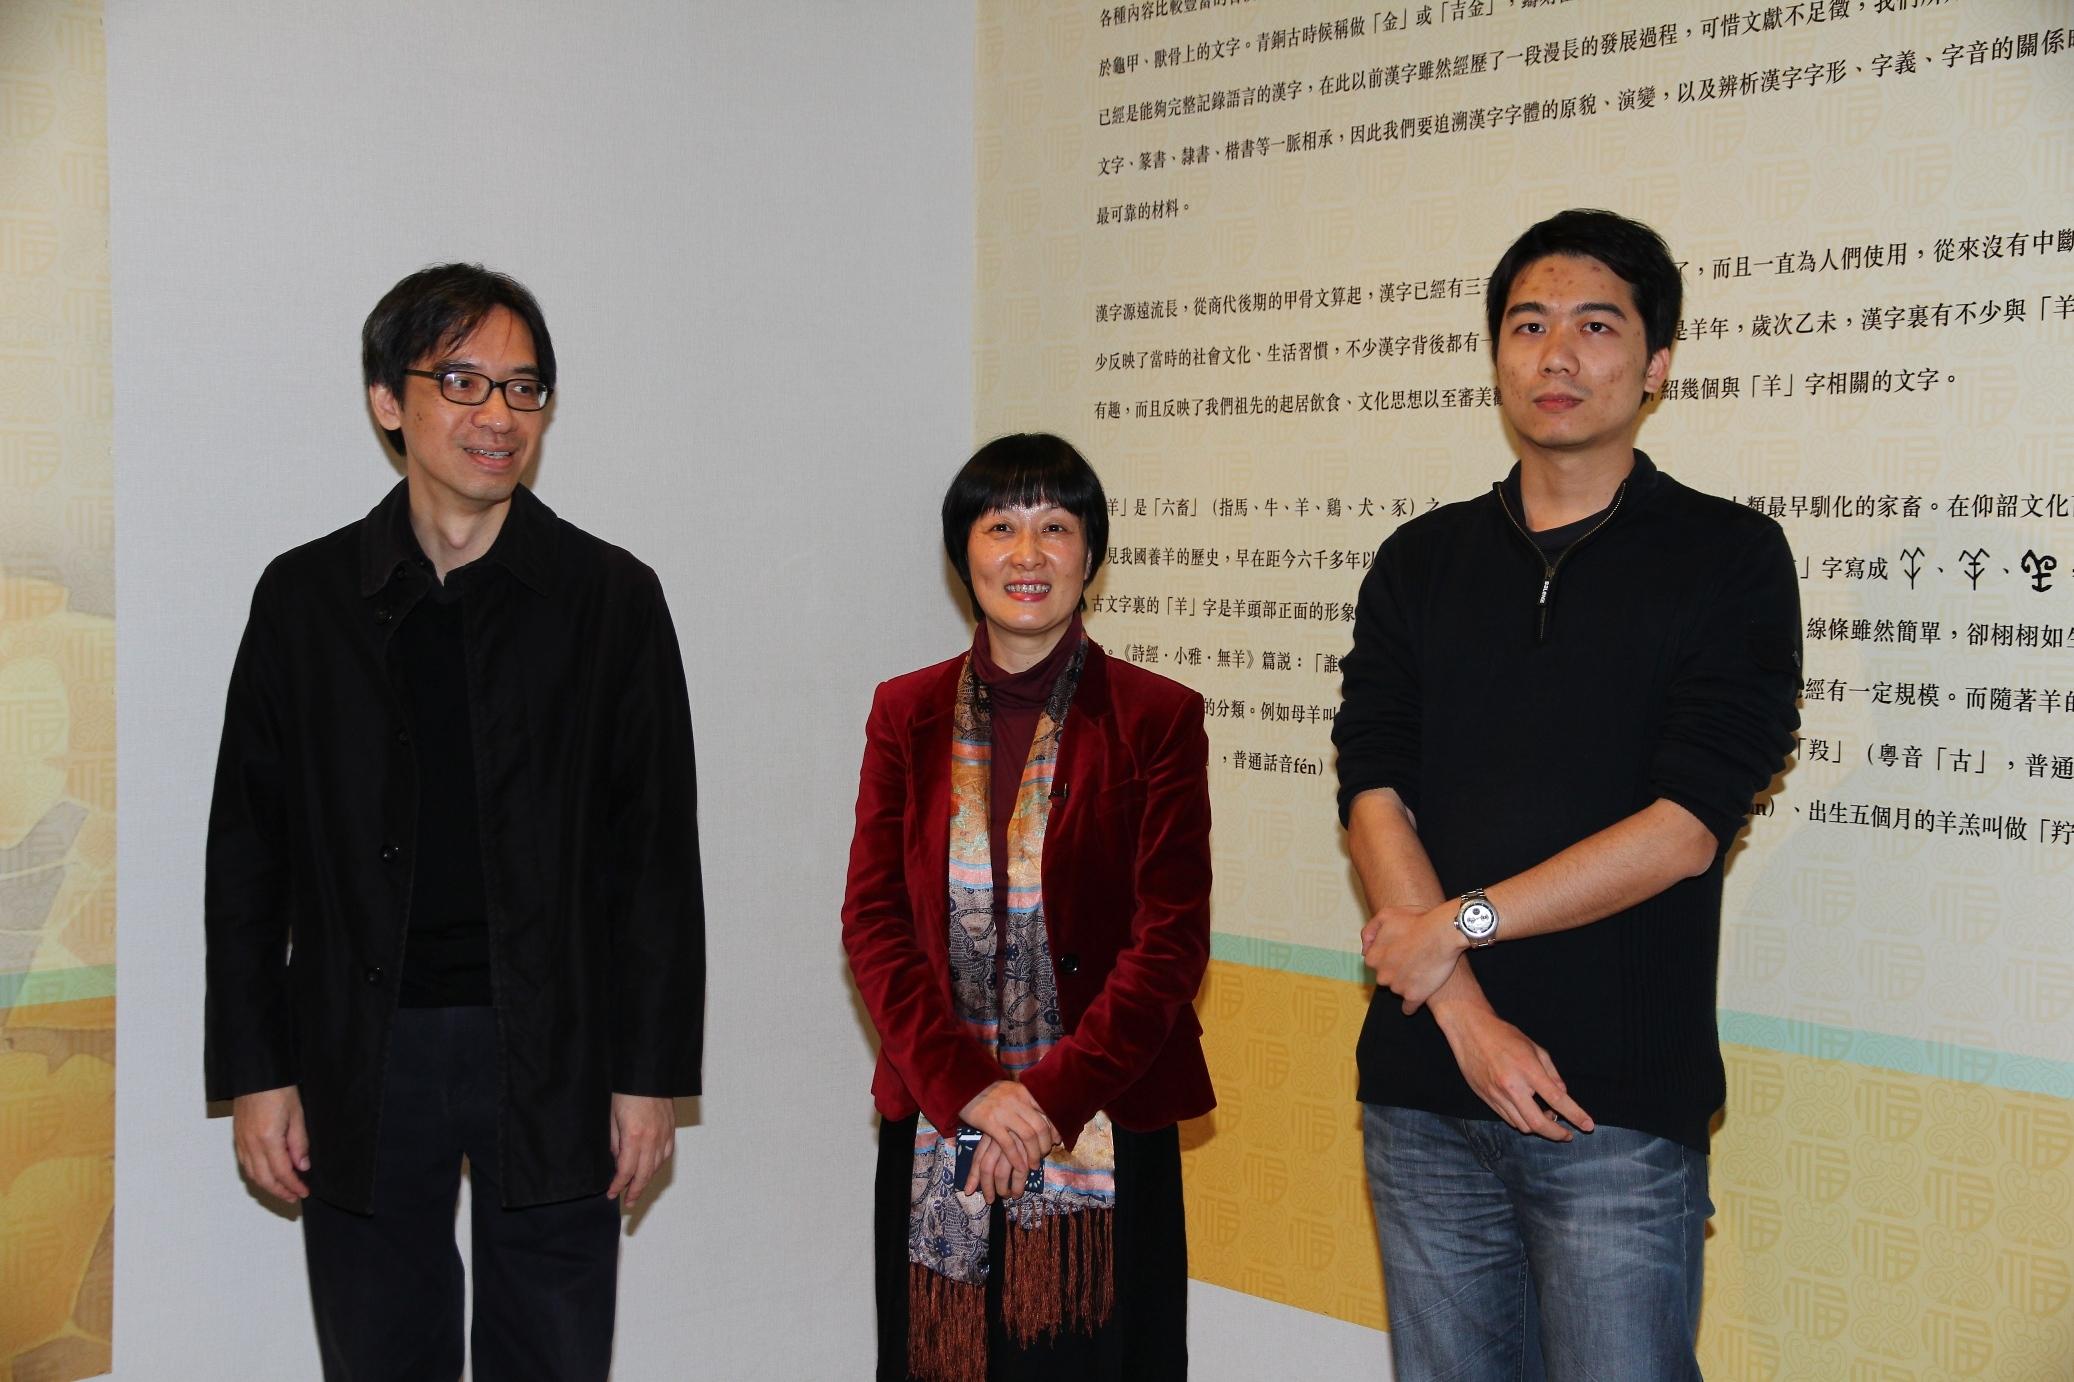 (From left) Prof. Mok Kar-leung, Chairman, Department of Fine Arts; Prof. Xu Xiaodong, Associate Director, Art Museum; and Mr. Zhan Zhenpeng, PhD student, Department of Fine Arts, CUHK.